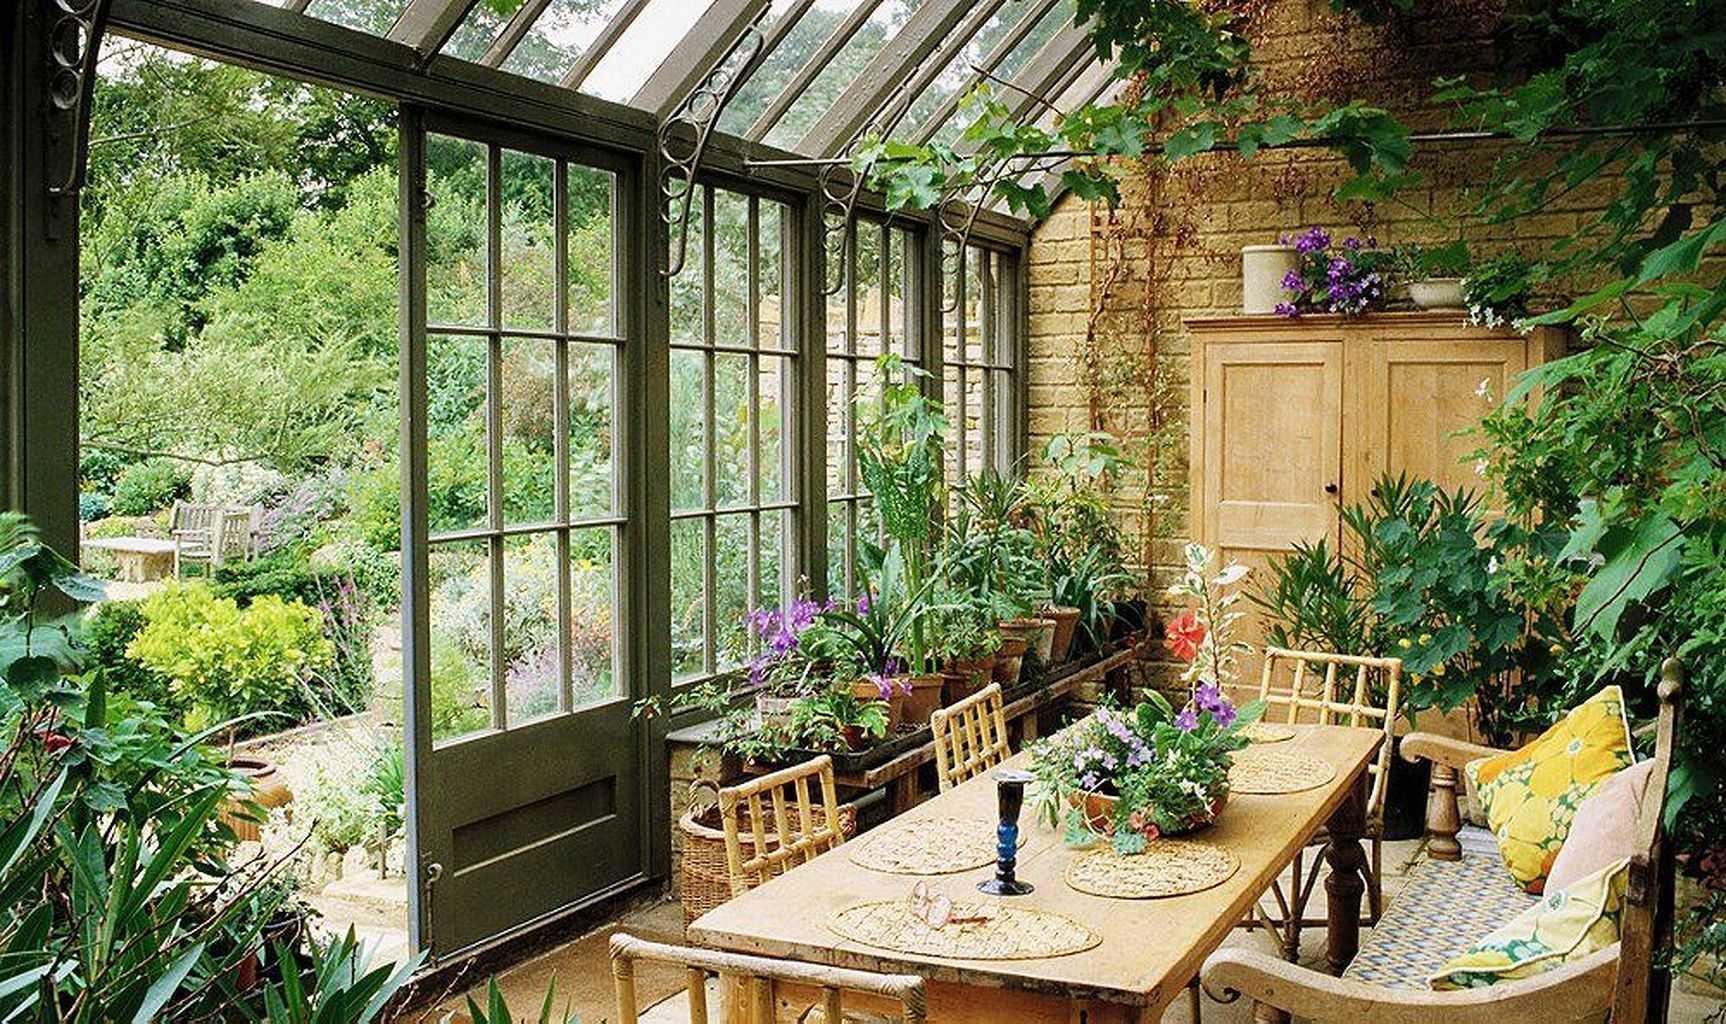 Giardino Dinverno In Casa : Giardino d inverno alcune idee su come realizzarlo in casa wegirls